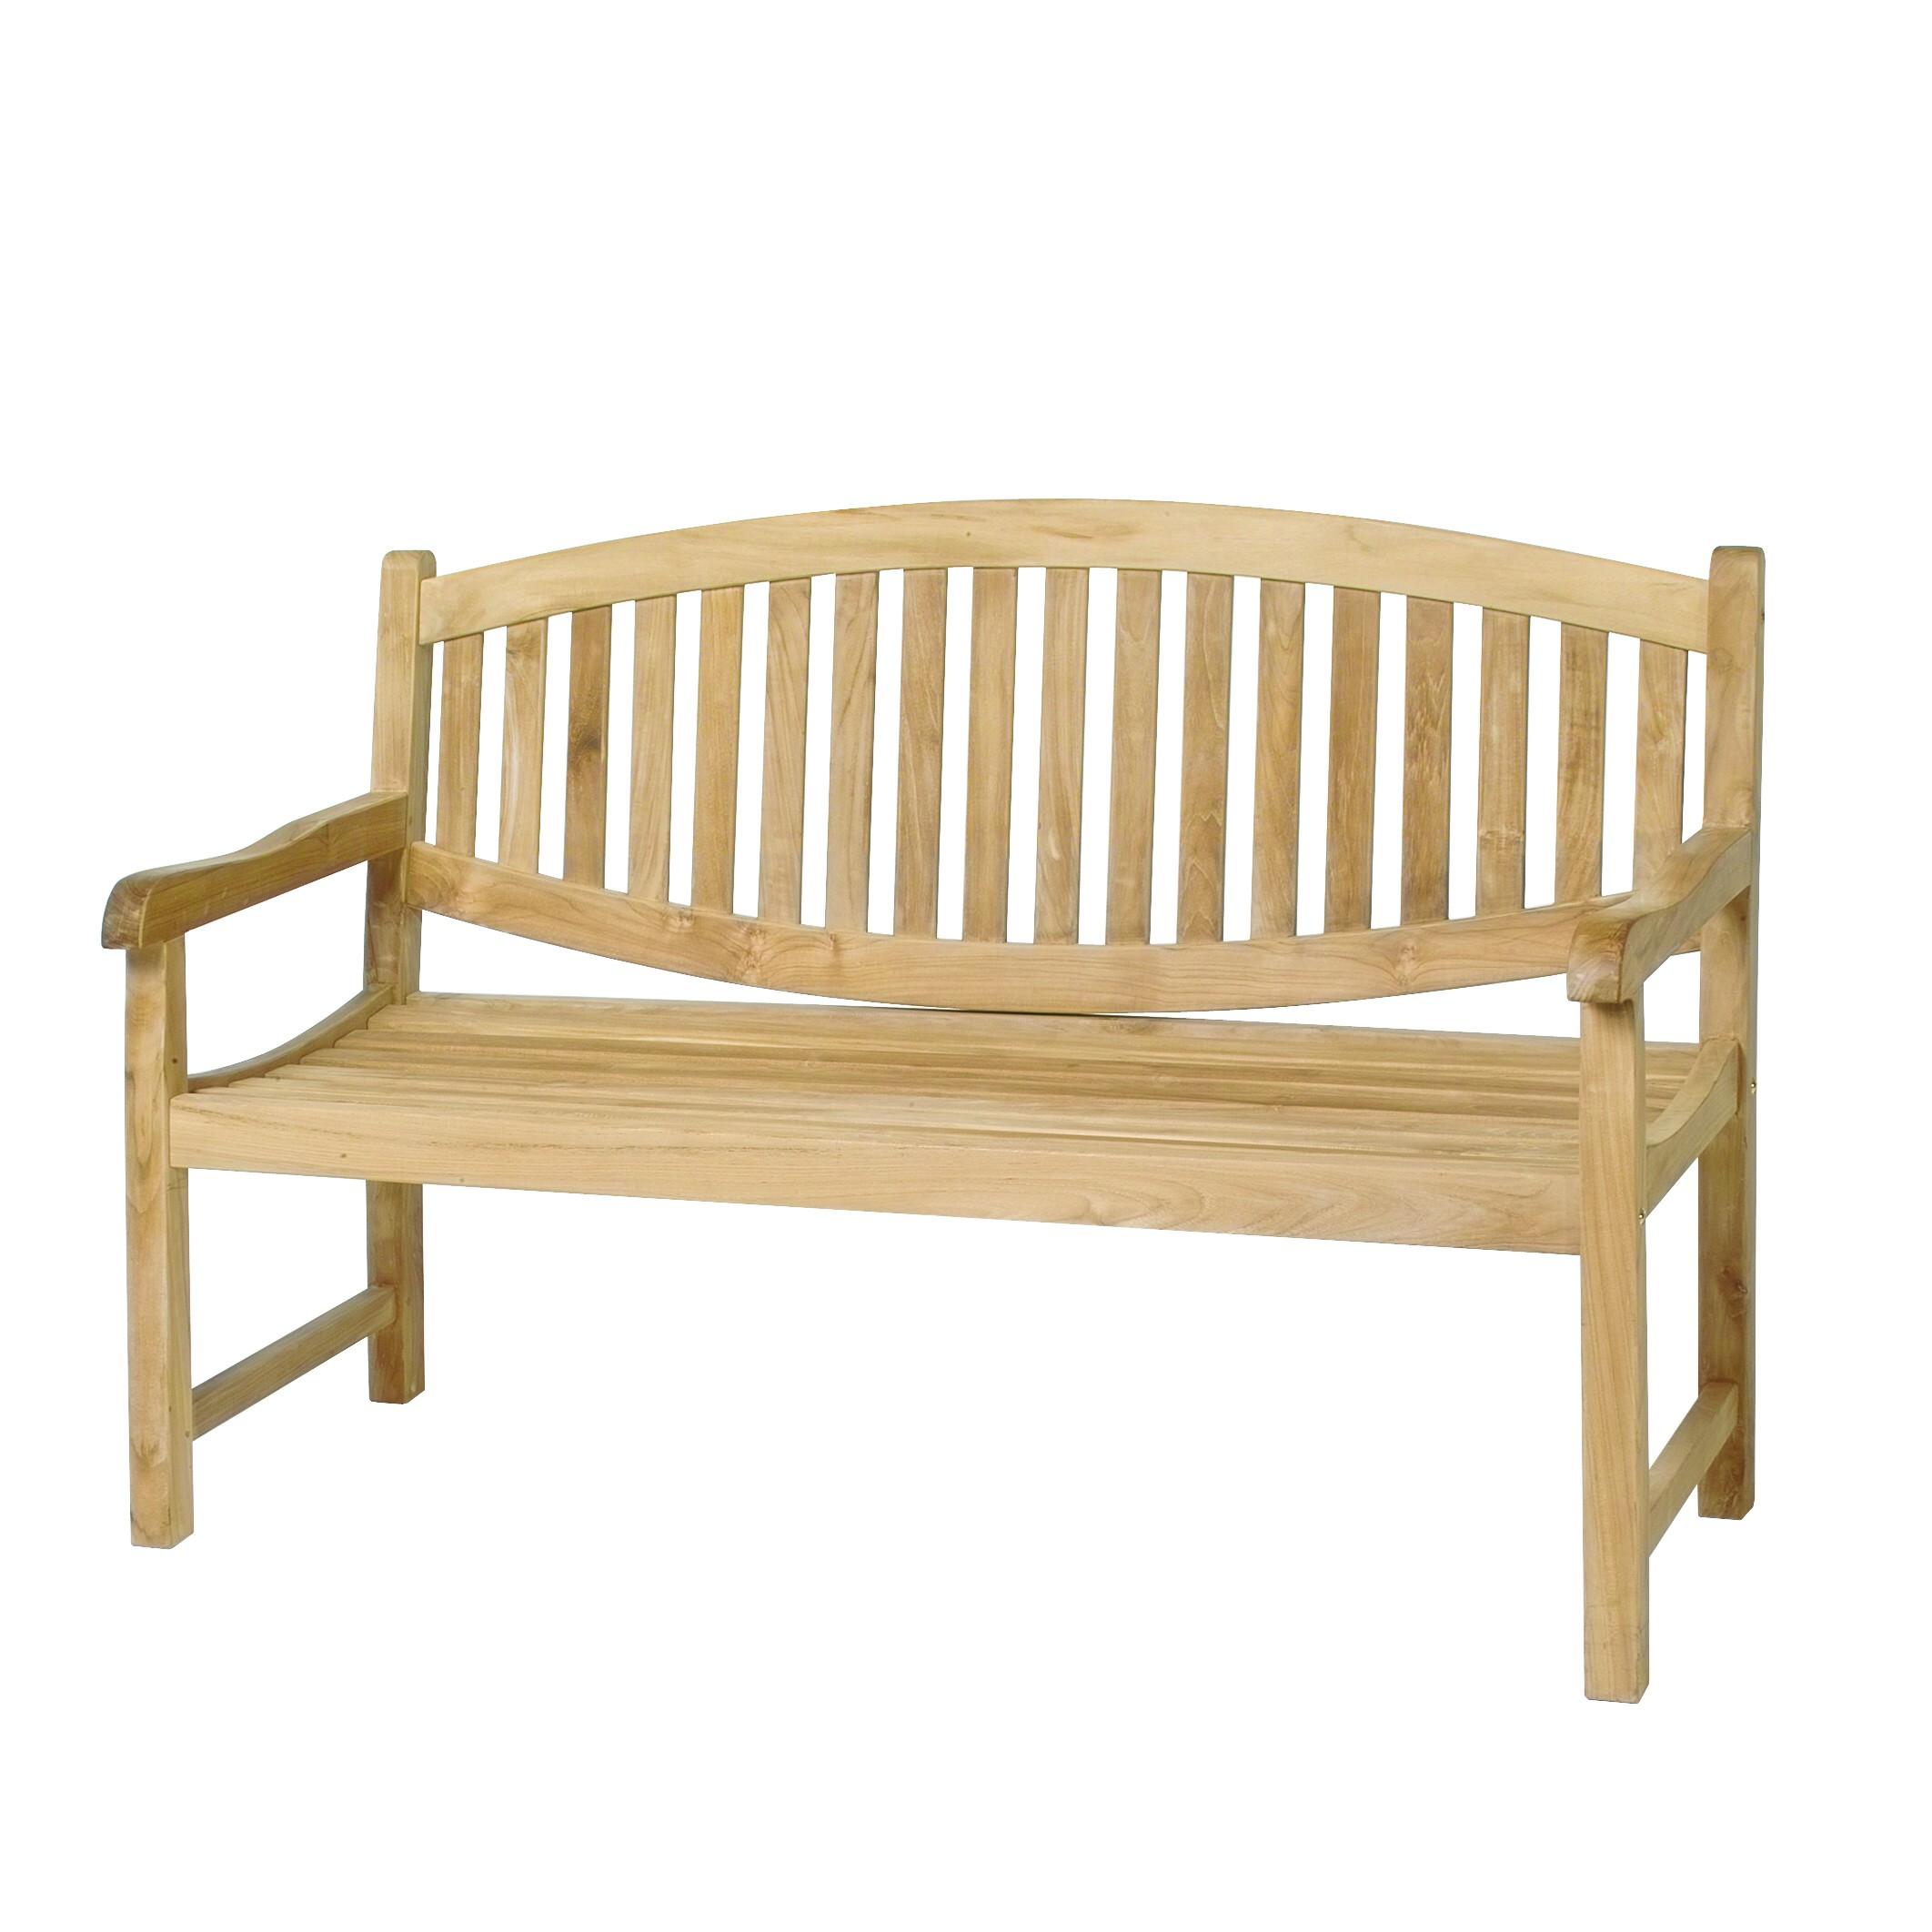 gartenbank ovaler r cken 180cm teak esstische rund und ausziehbar. Black Bedroom Furniture Sets. Home Design Ideas